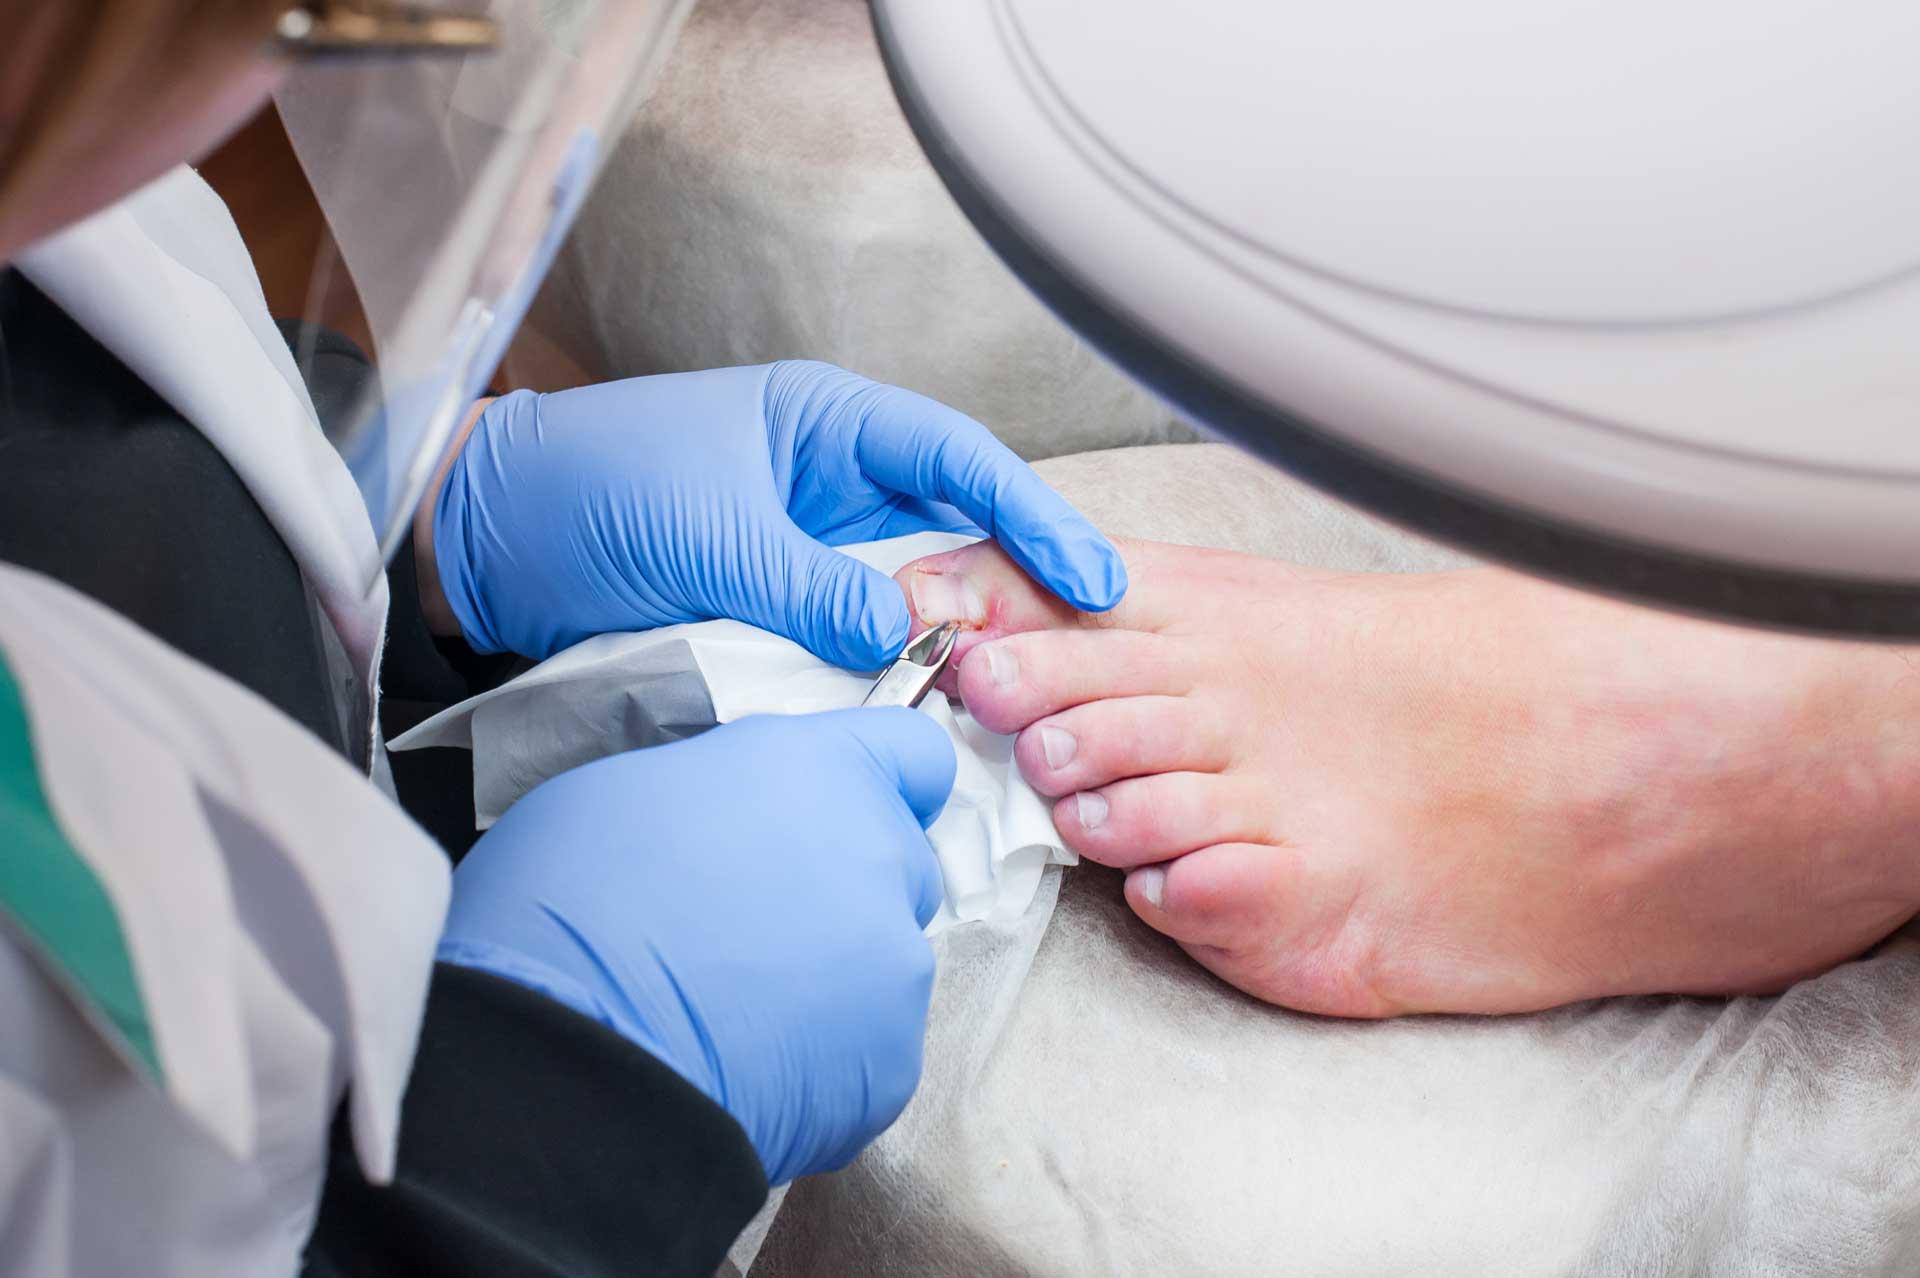 Fußpflege Diabetiker Rodgau Mobile medizinische Fußpflege Rodgau / Rödermark